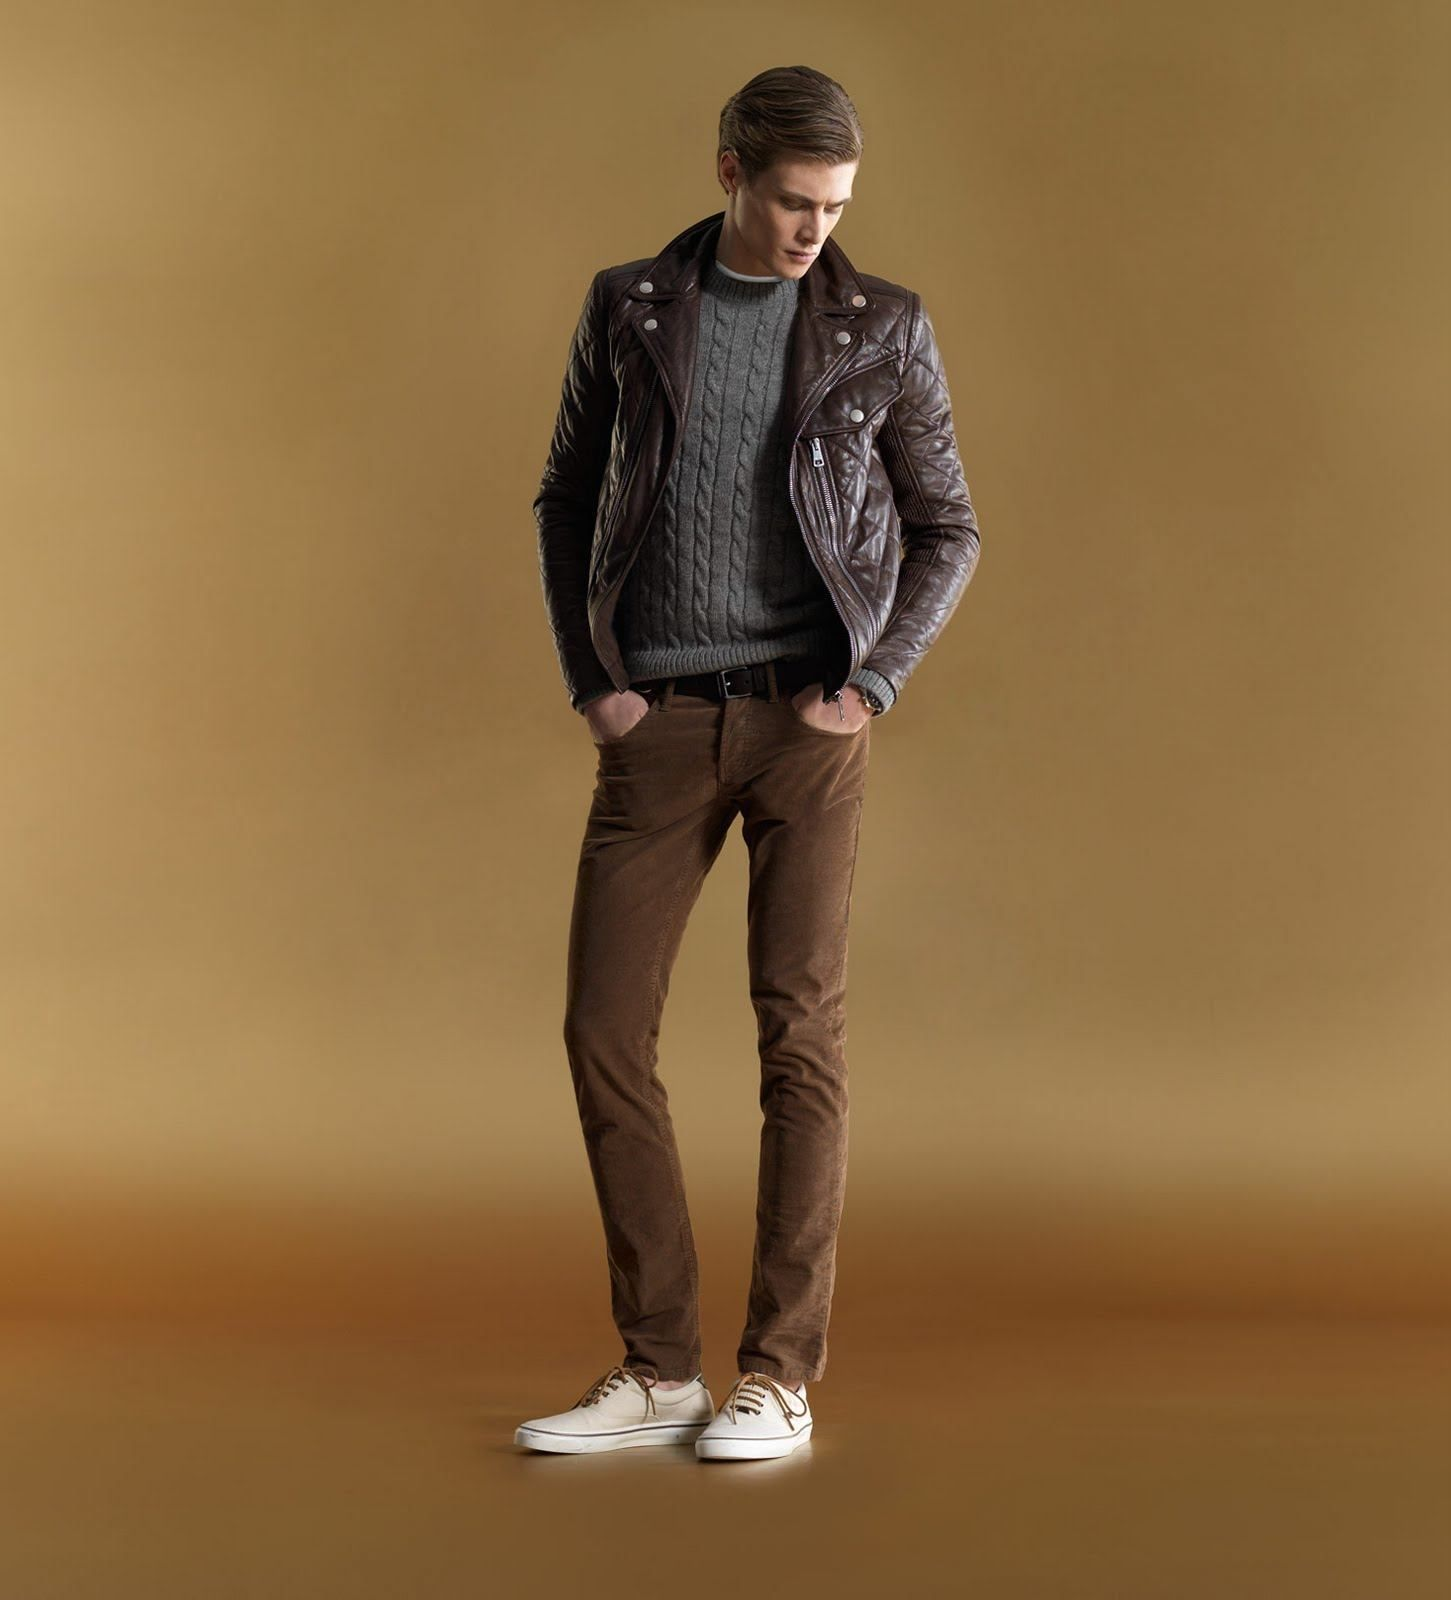 Men Corduroy Pants Outfits-15 Corduroy Men Fashion | corduroy ...